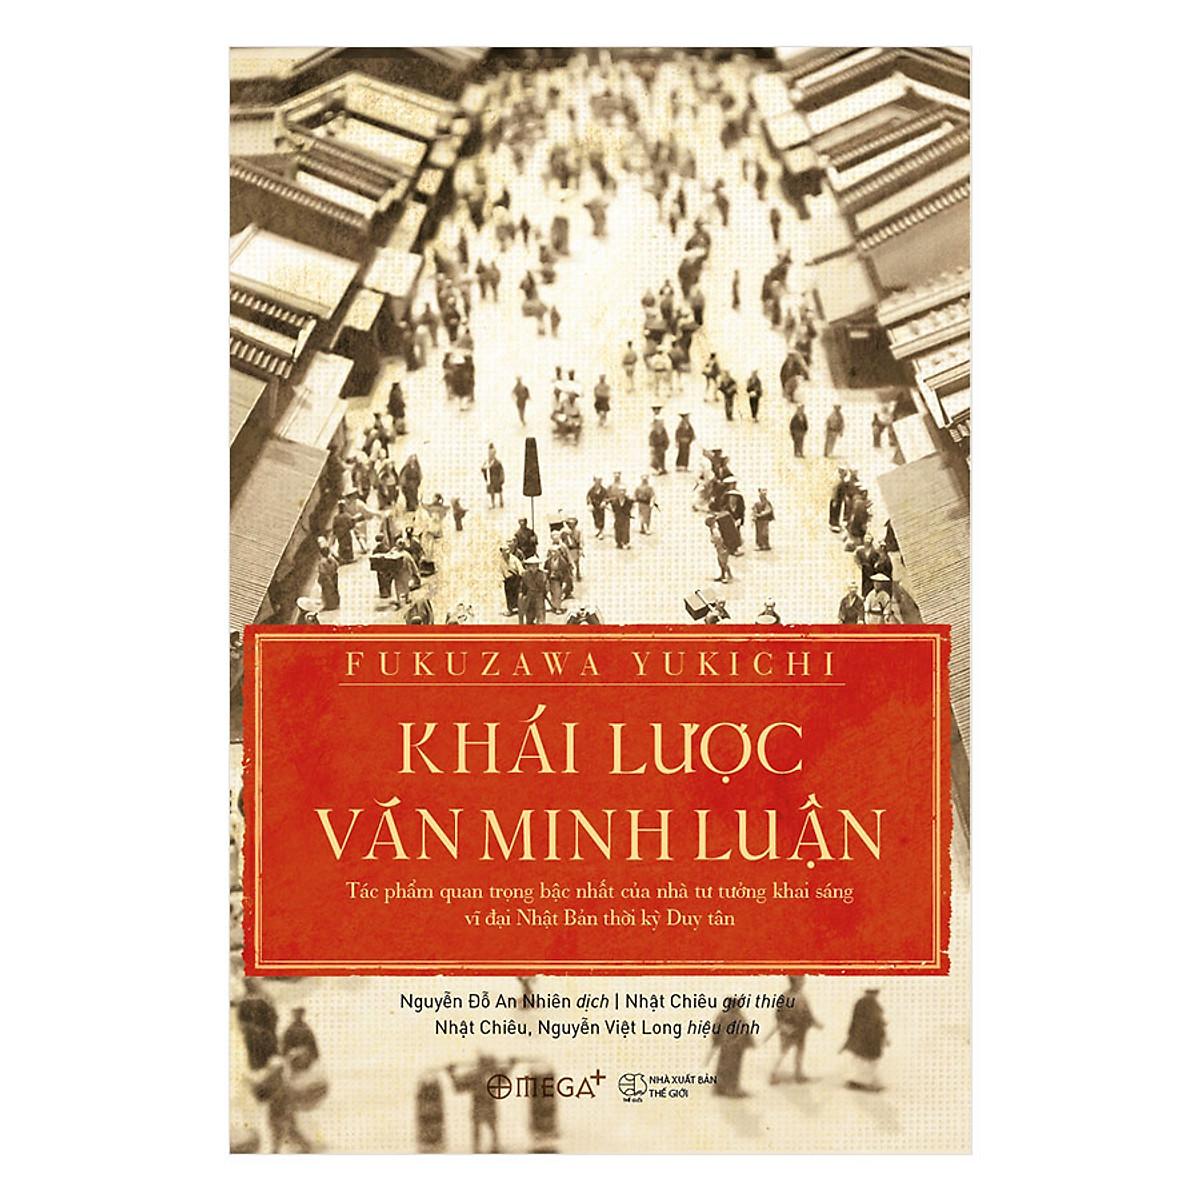 Combo 2 cuốn sách: Hành Trình Về Phương Đông (Bìa mềm) + Khái Lược Văn Minh  Luận